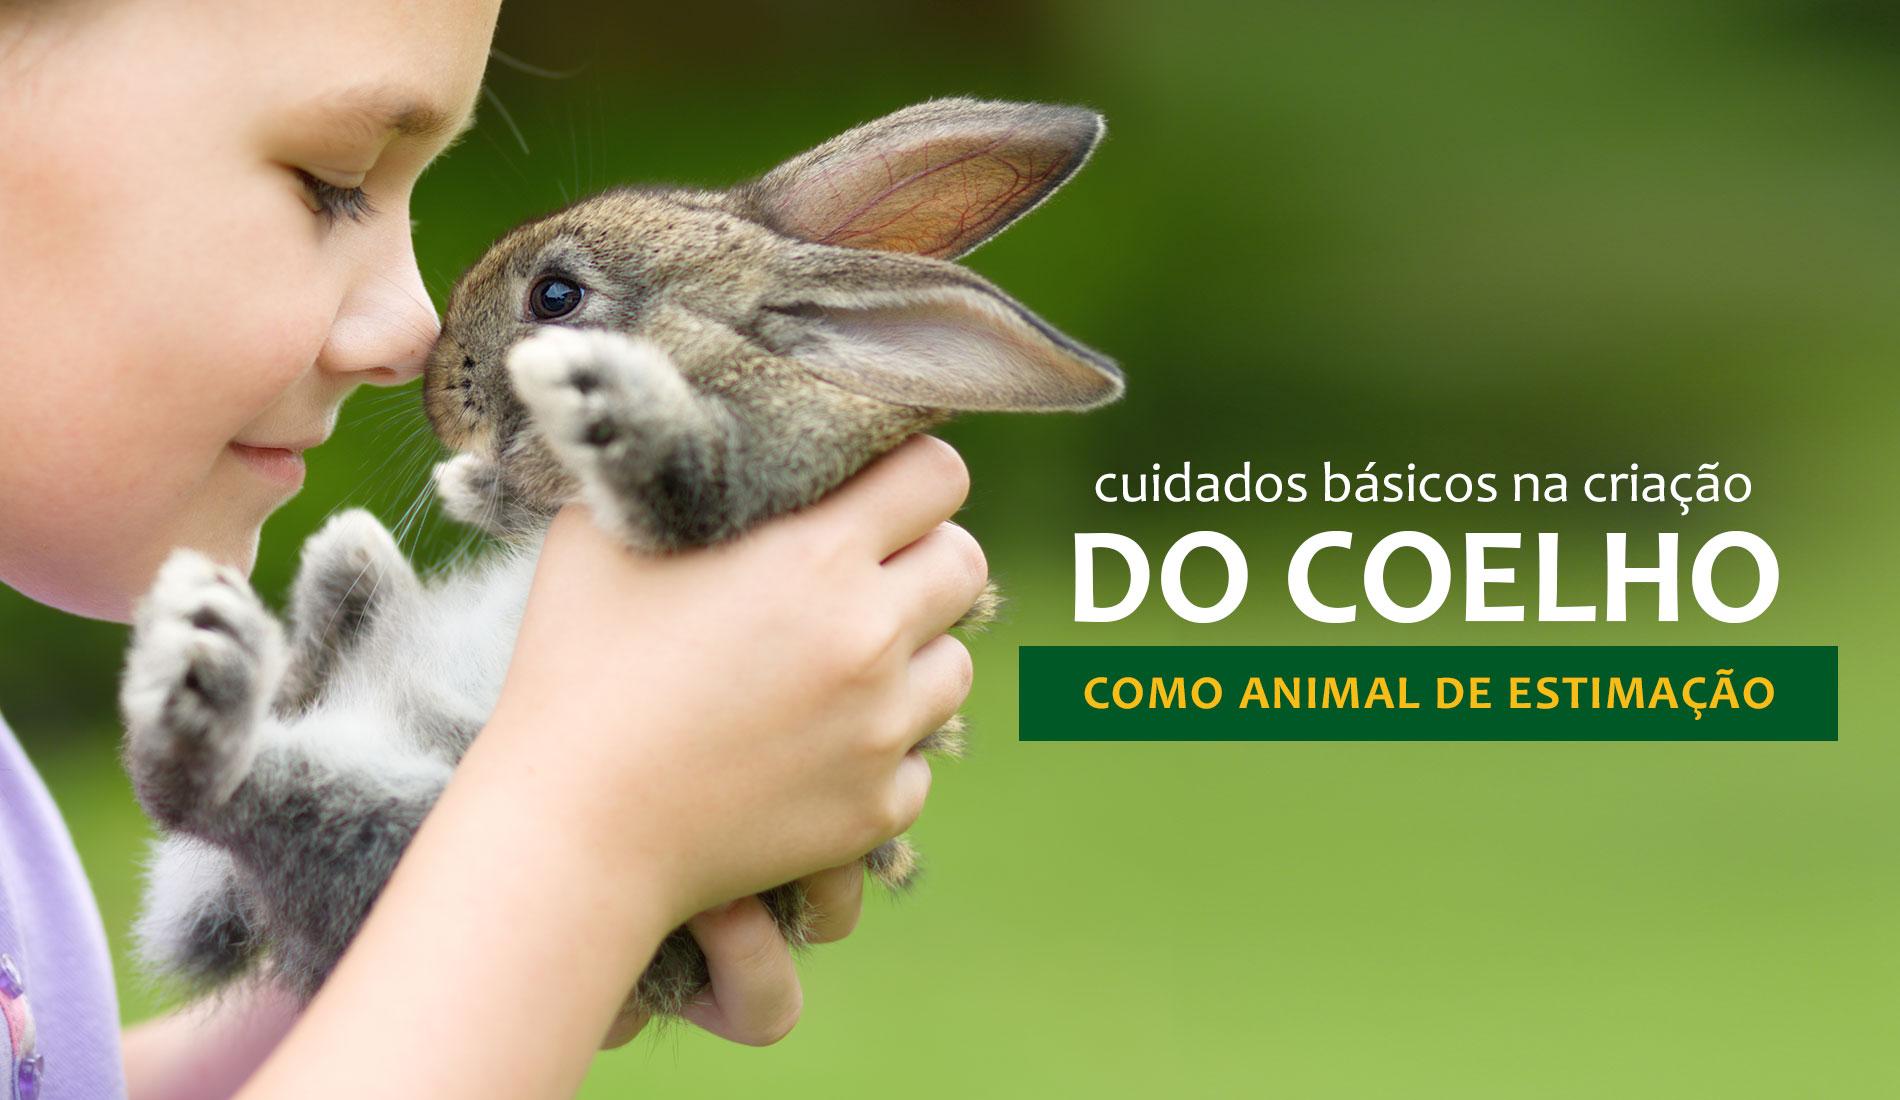 Confira alguns cuidados importantes com os coelhos